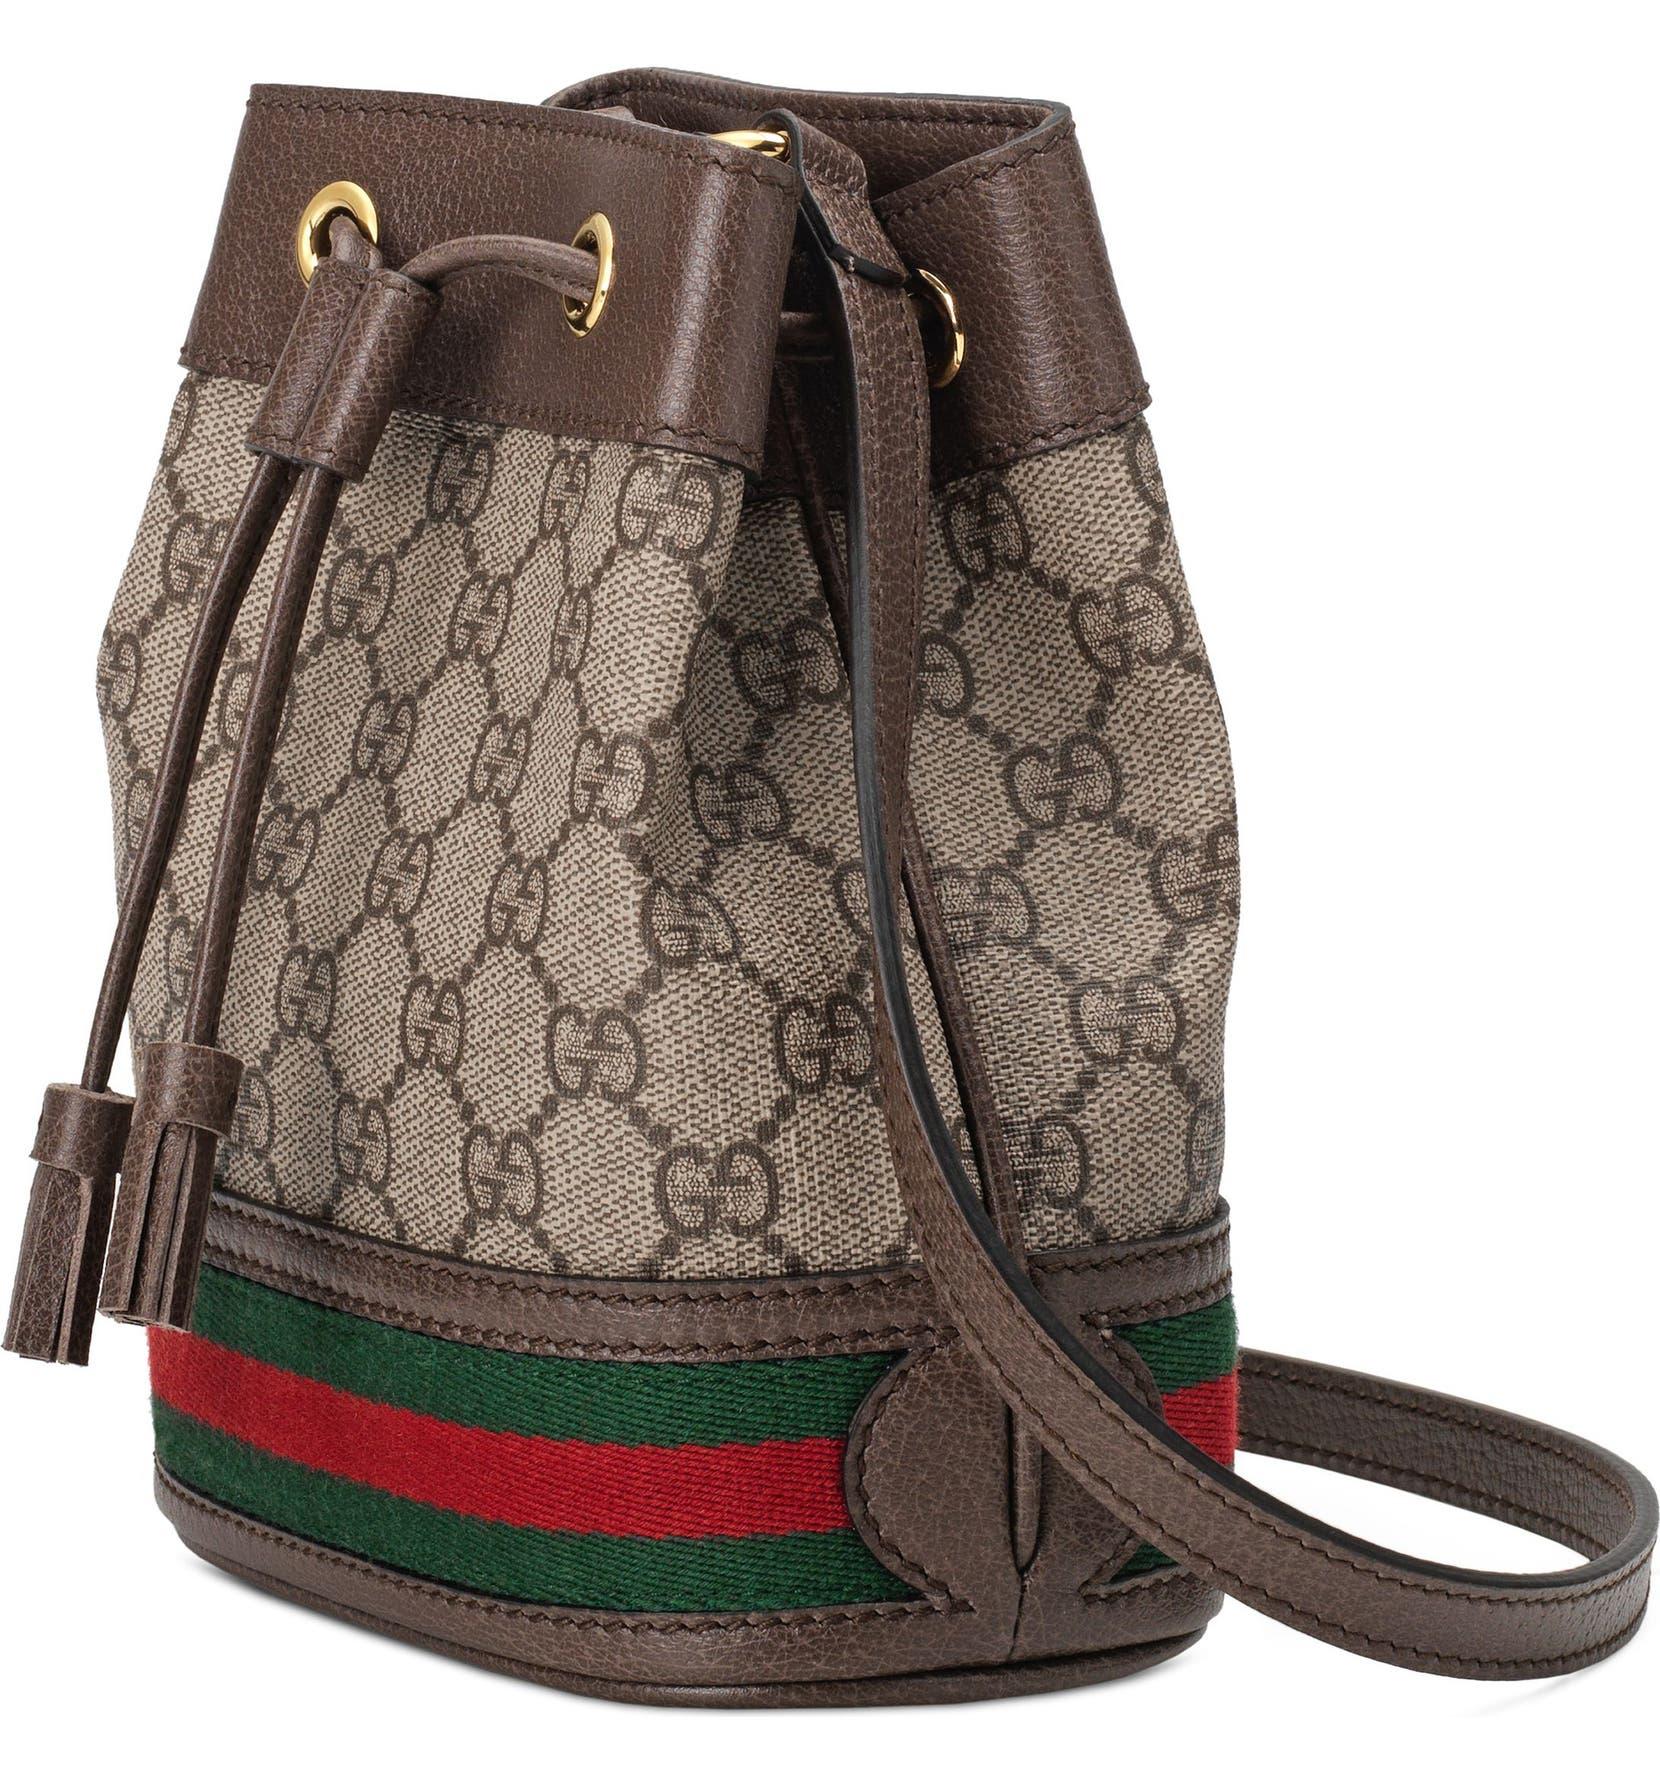 088dd2a7bc6 Gucci Mini Ophidia GG Supreme Bucket Bag